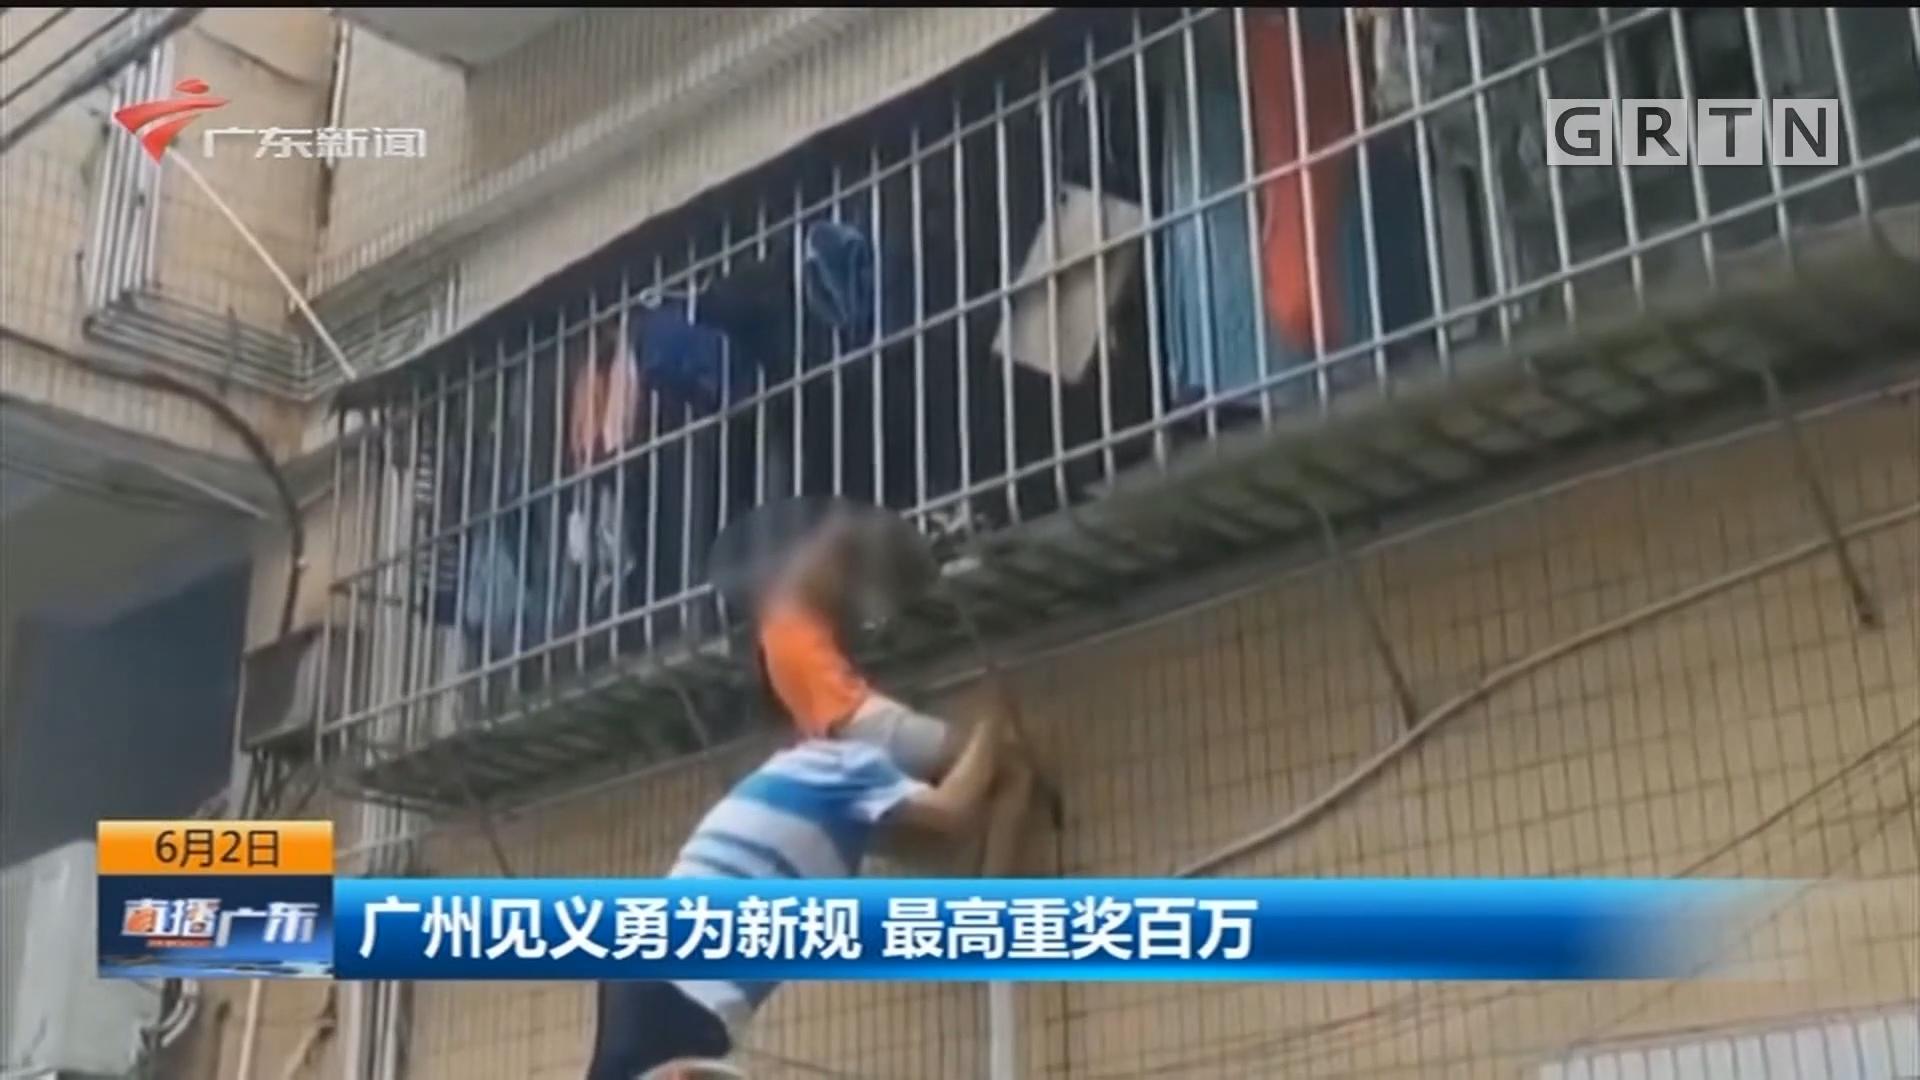 广州见义勇为新规 最高重奖百万